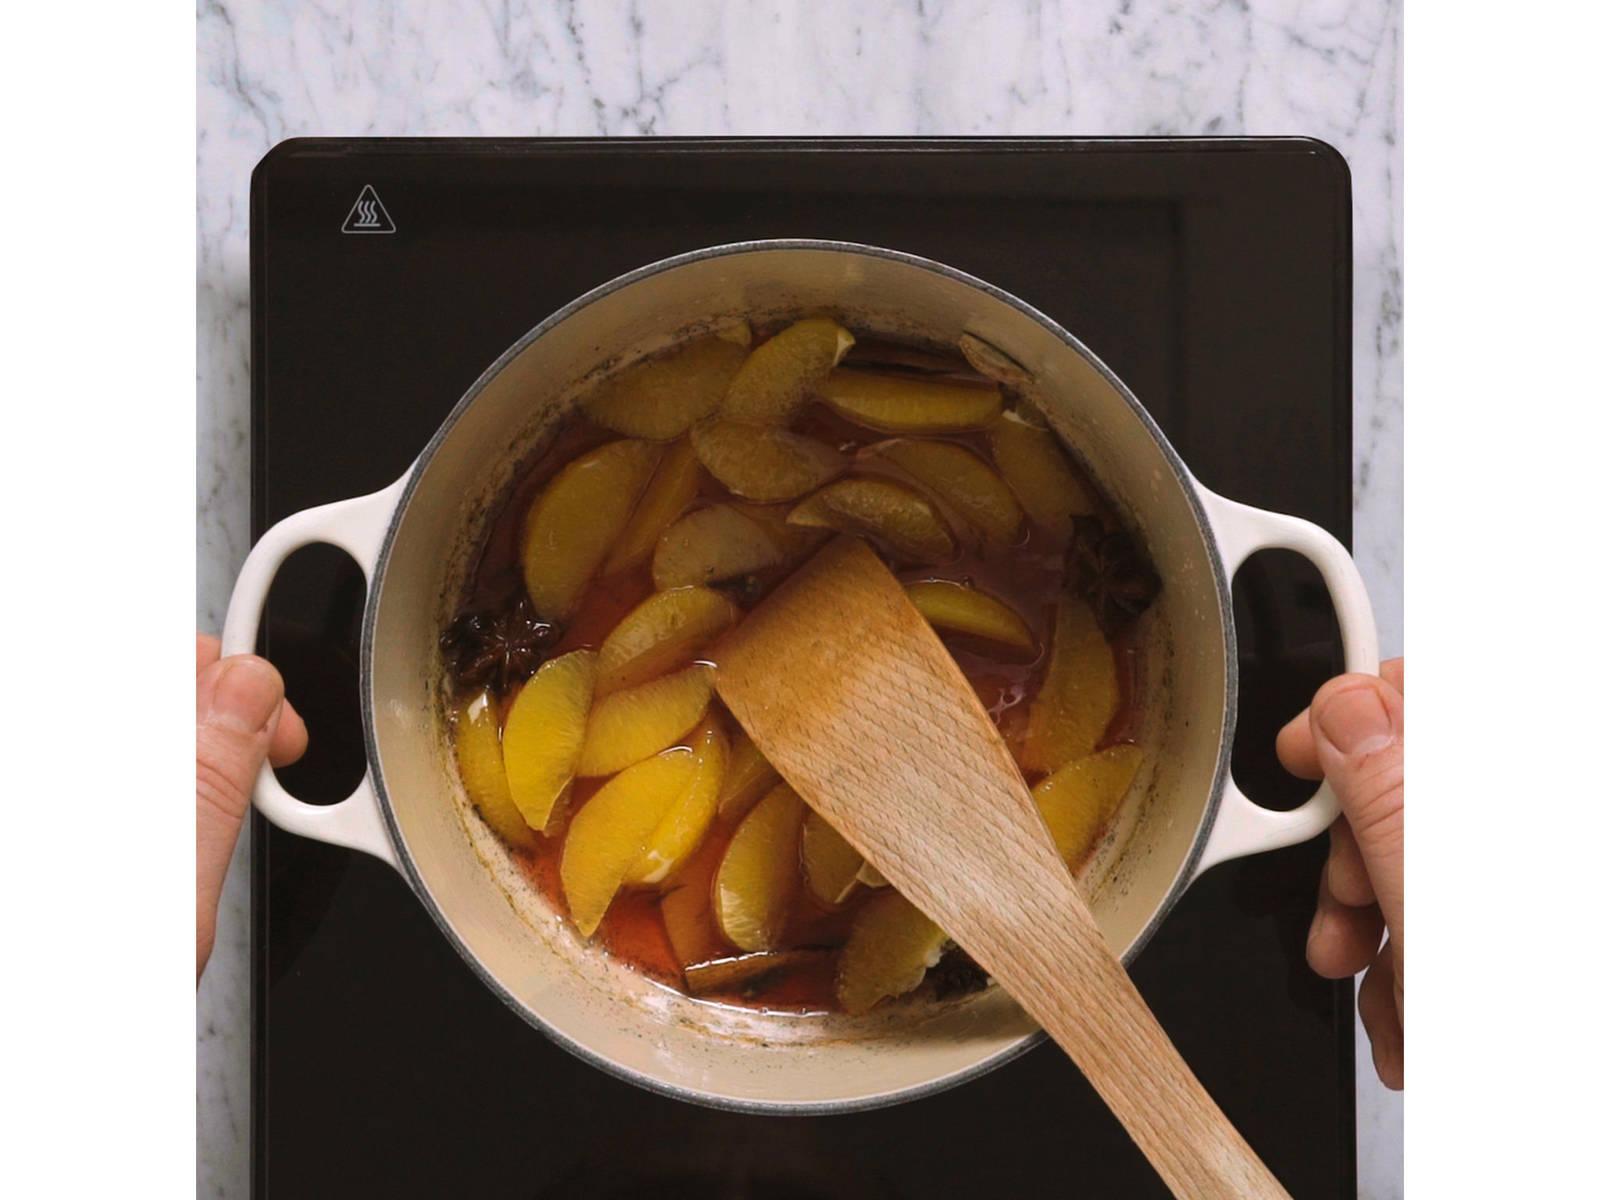 制作调味橘子:橘子掰开,置于一旁。将普洛赛克煮沸,然后加入凝胶糖、柠檬汁、香料和蜂蜜,中火煮至变稠,约10分钟。待其冷却后,加入石榴糖浆和橘子块。冷藏15分钟,或直到上菜之前。